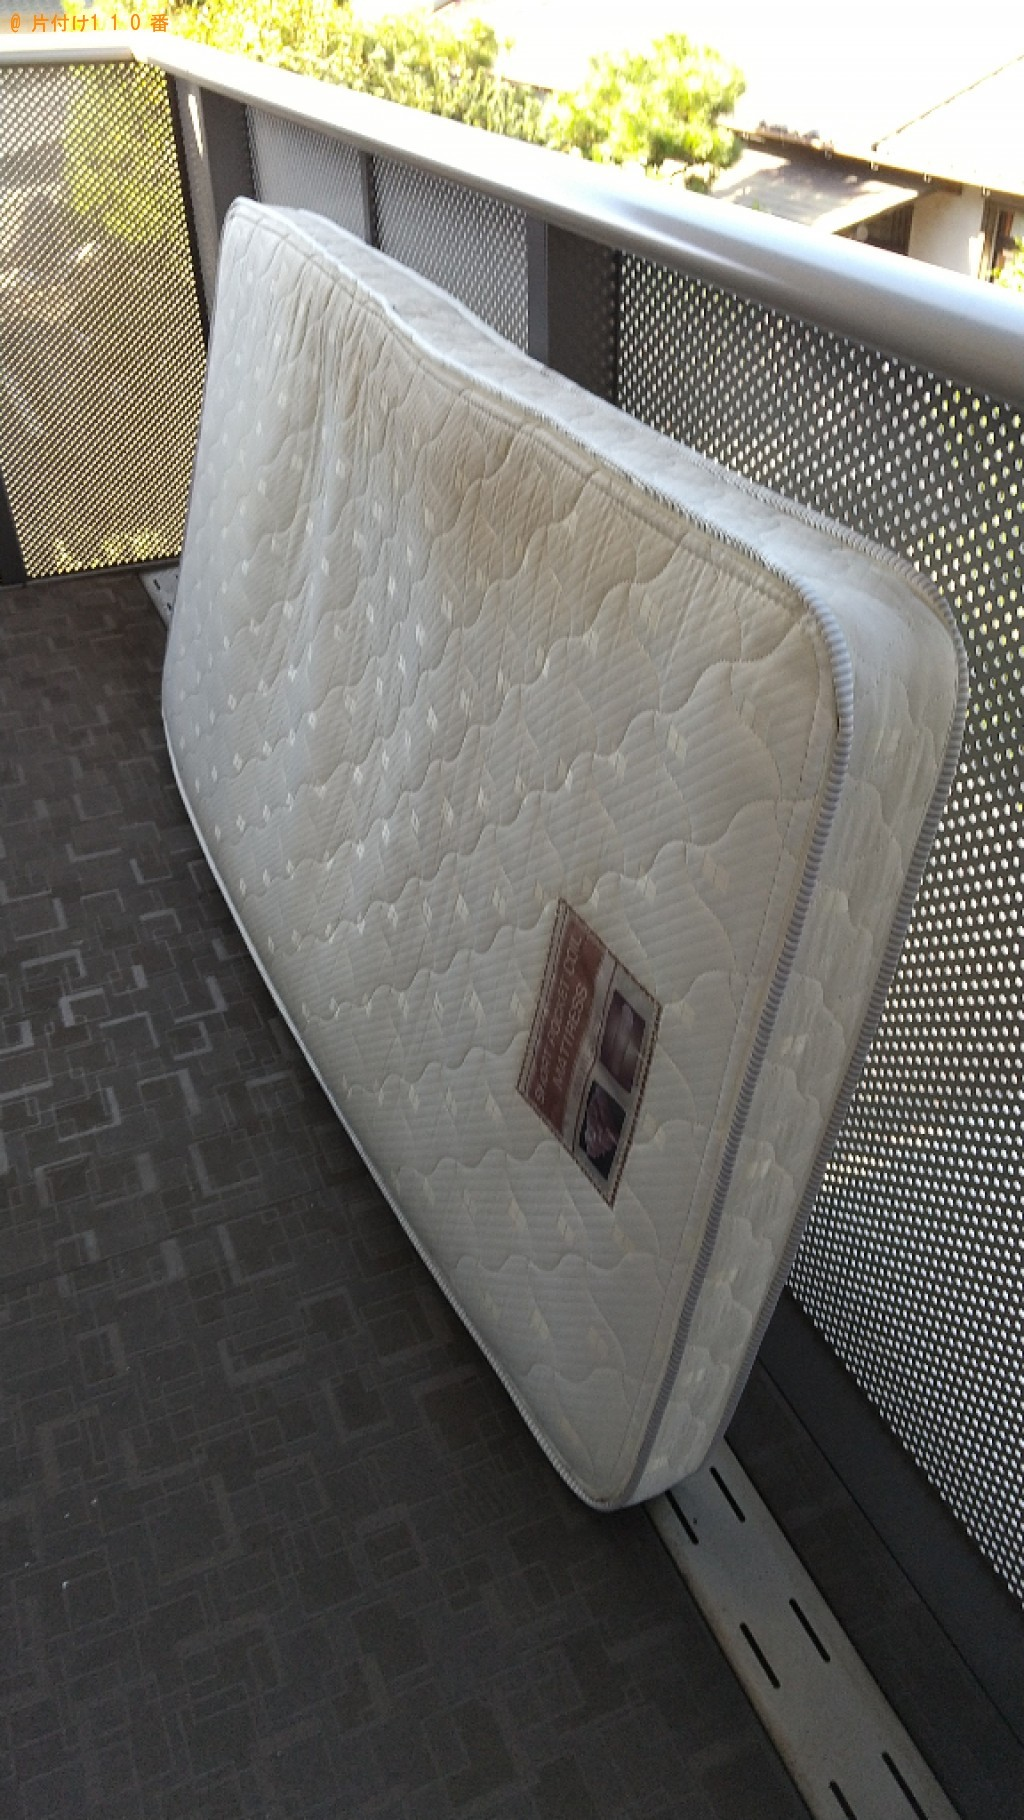 【福山市川口町】ベッドマットレスの出張不用品回収・処分ご依頼